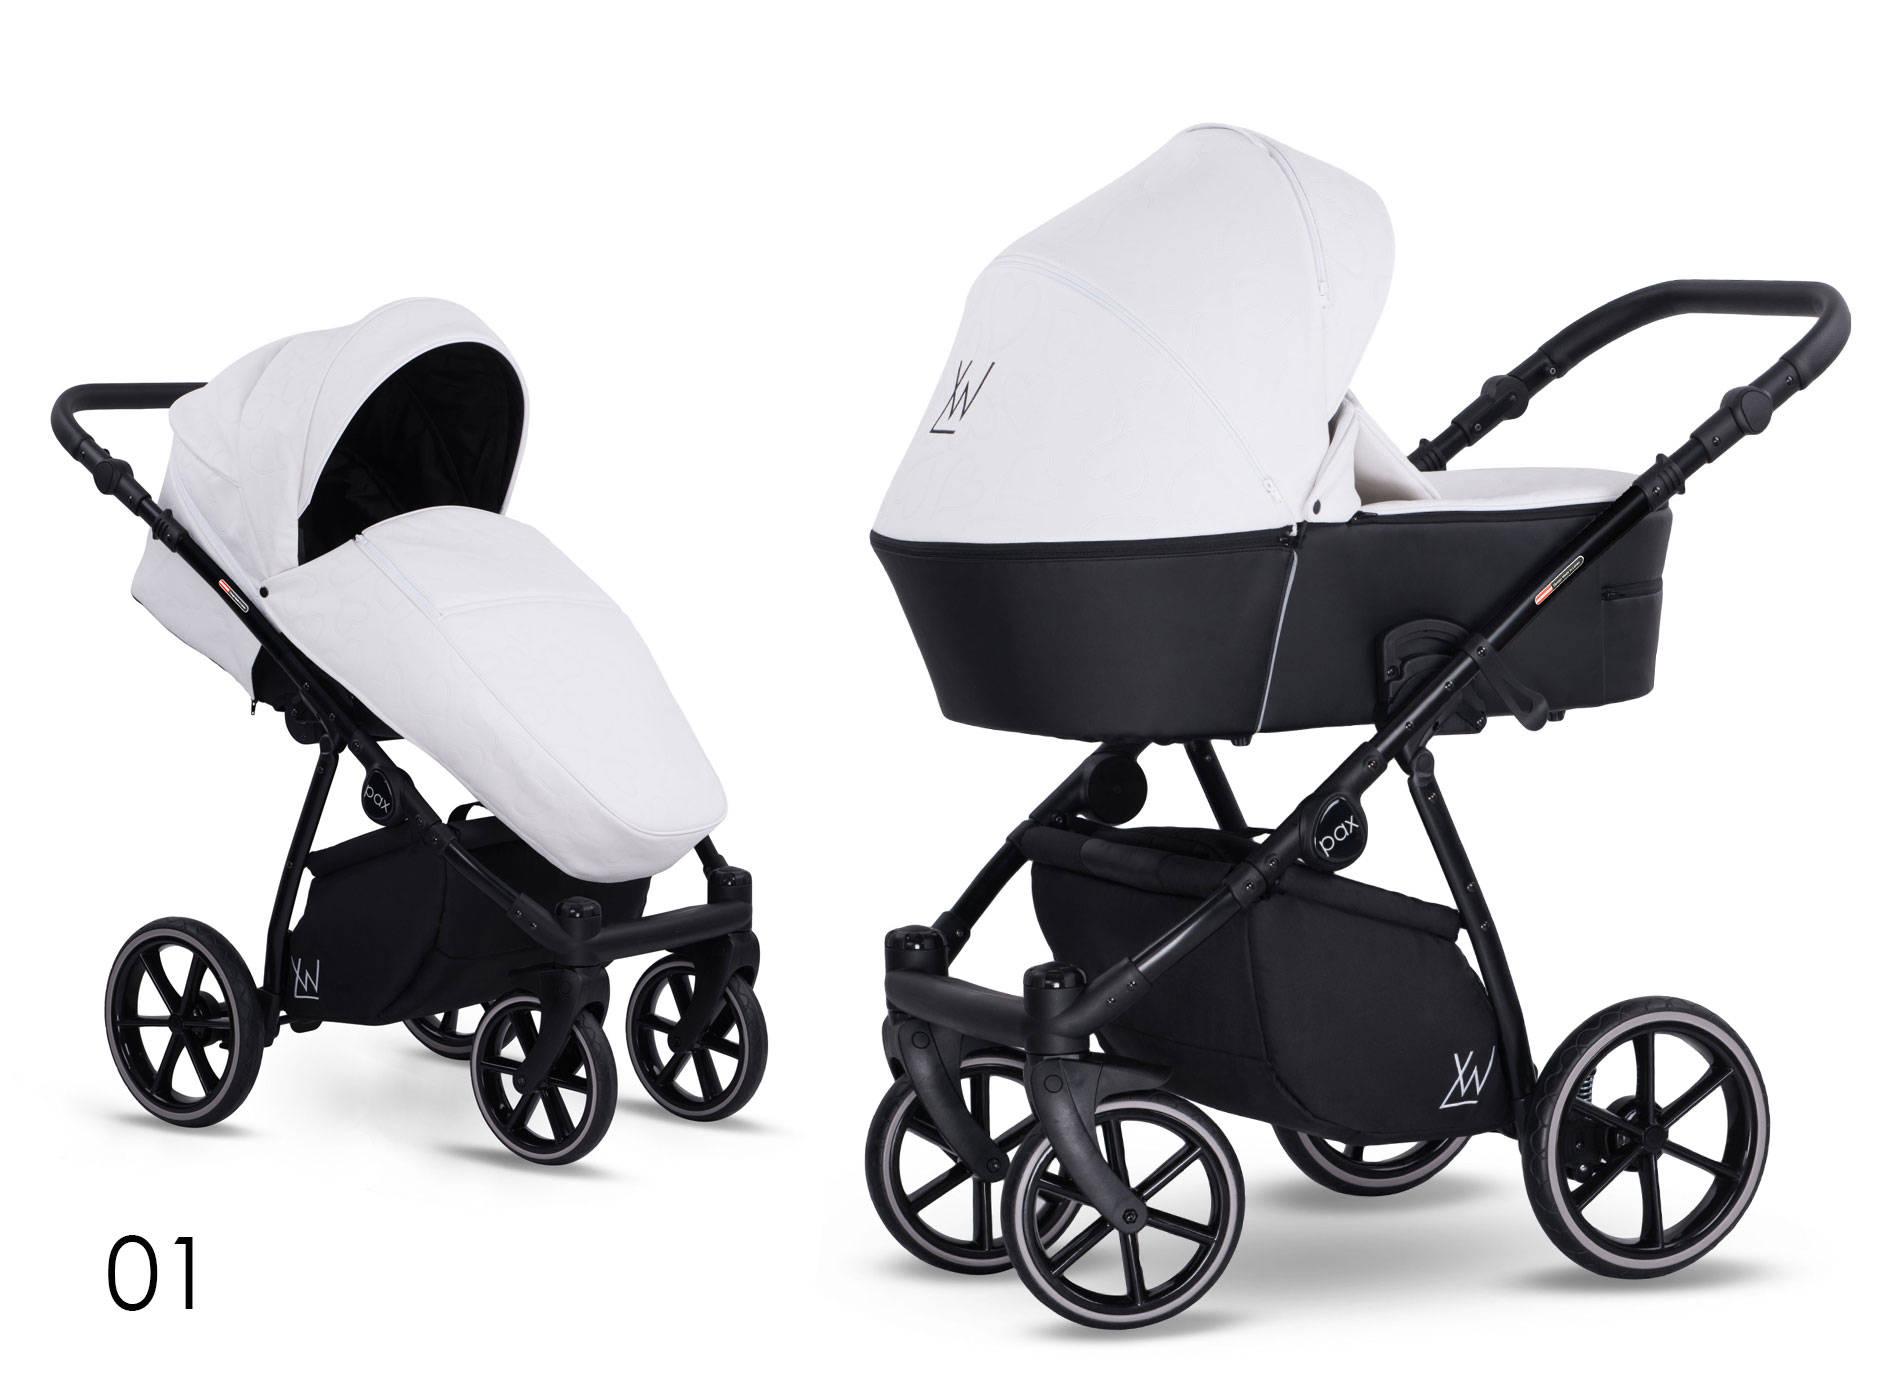 wózek dziecięcy Lonex Pax Eco biały